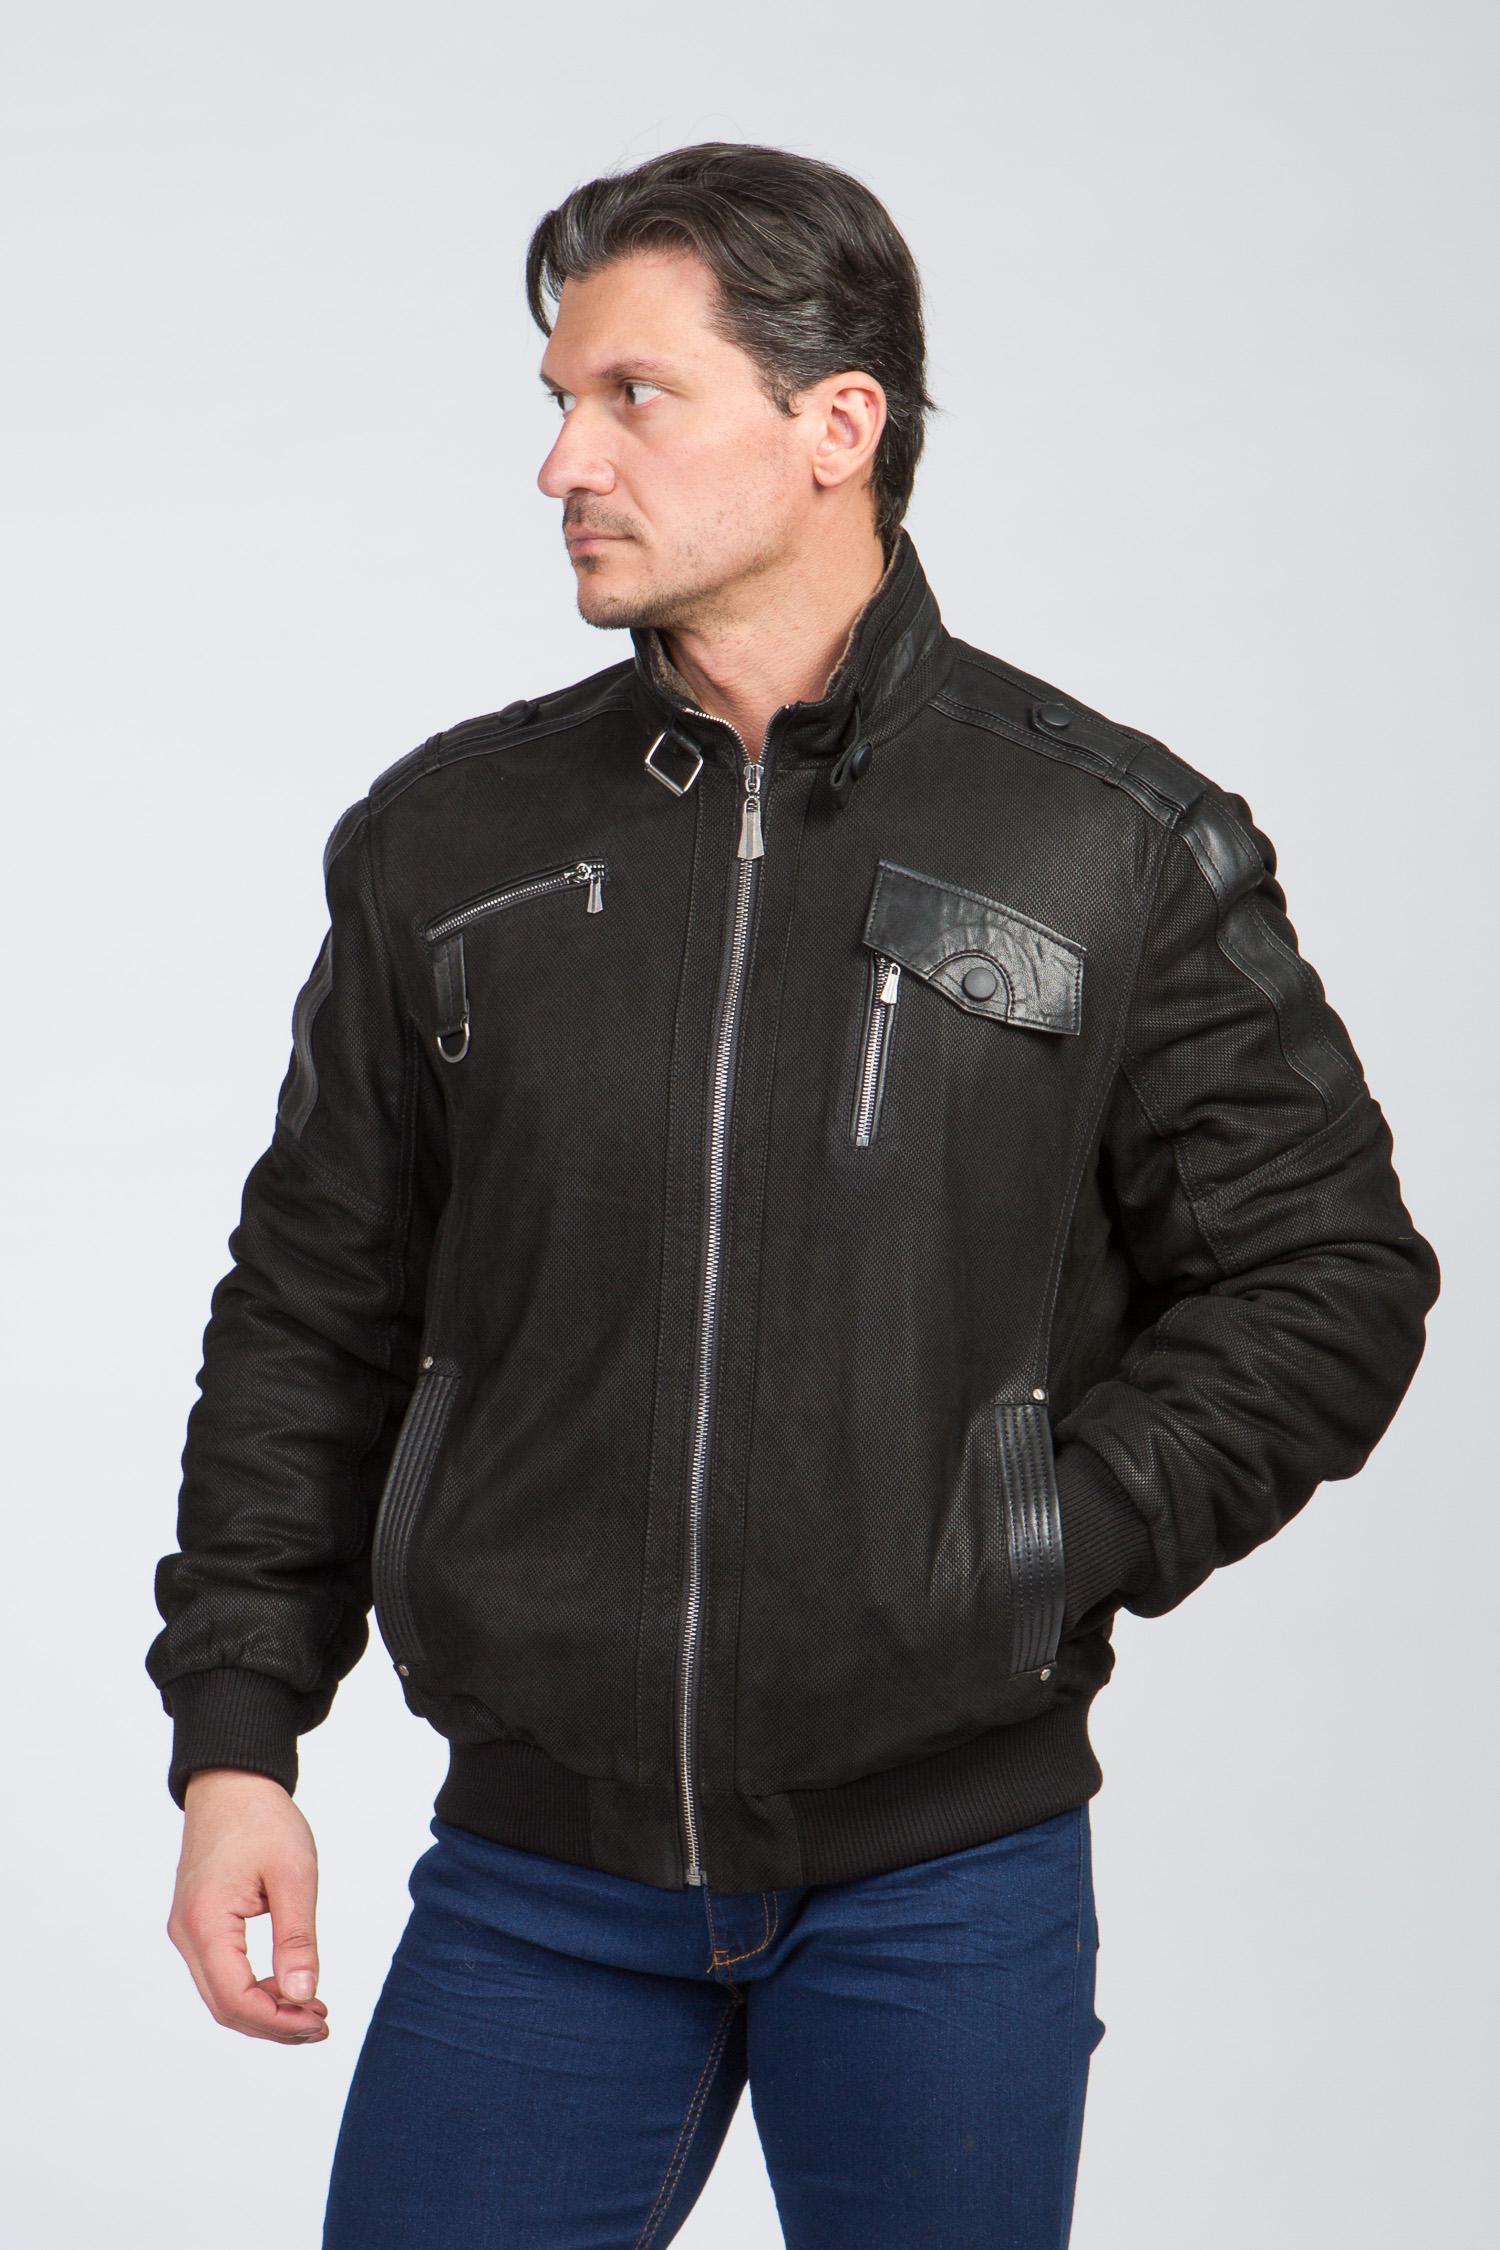 Мужская кожаная куртка из натуральной кожи на меху с воротником, отделка овчина